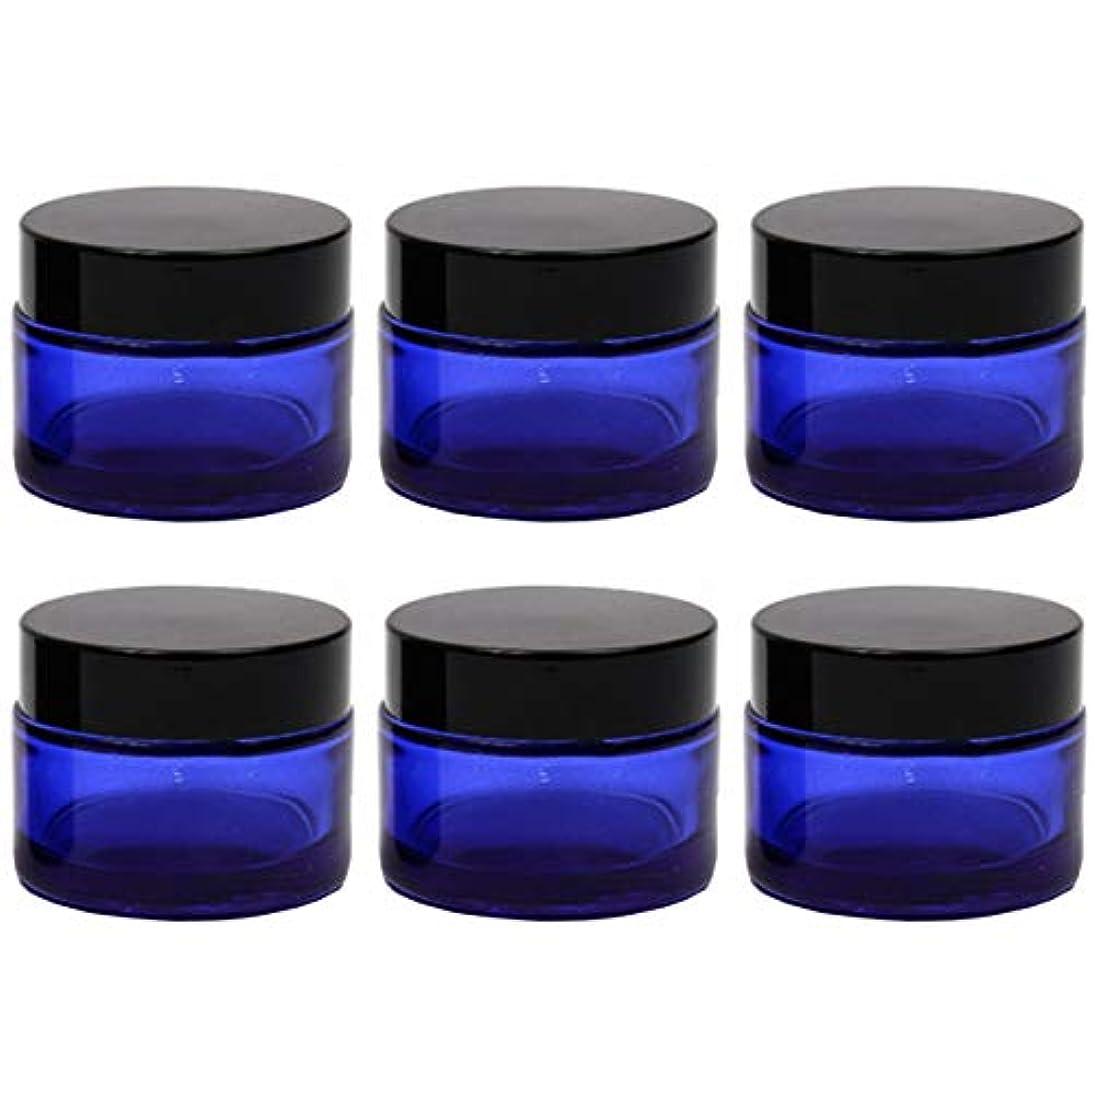 オープニング惨めな活気づけるクリーム容器 遮光ジャー 6個セット アロマクリーム ハンドクリーム 遮光瓶 ガラス 瓶 アロマ ボトル ビン 保存 詰替え 青色 ブルー (50g?6個)